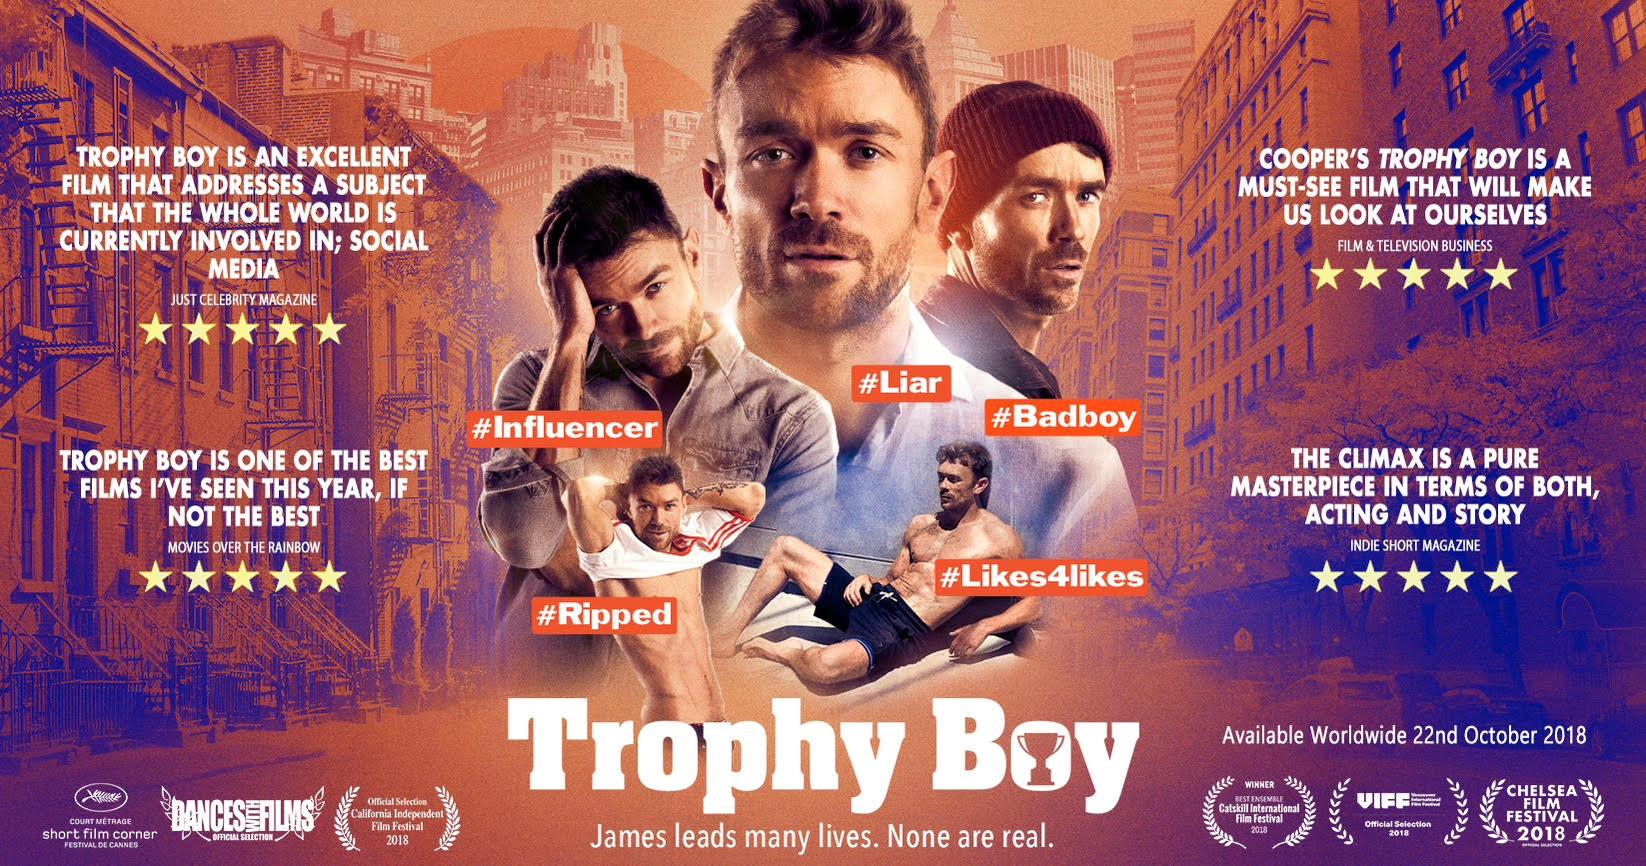 TROPHY BOY WORLDWIDE RELEASE - October 22nd, 2018